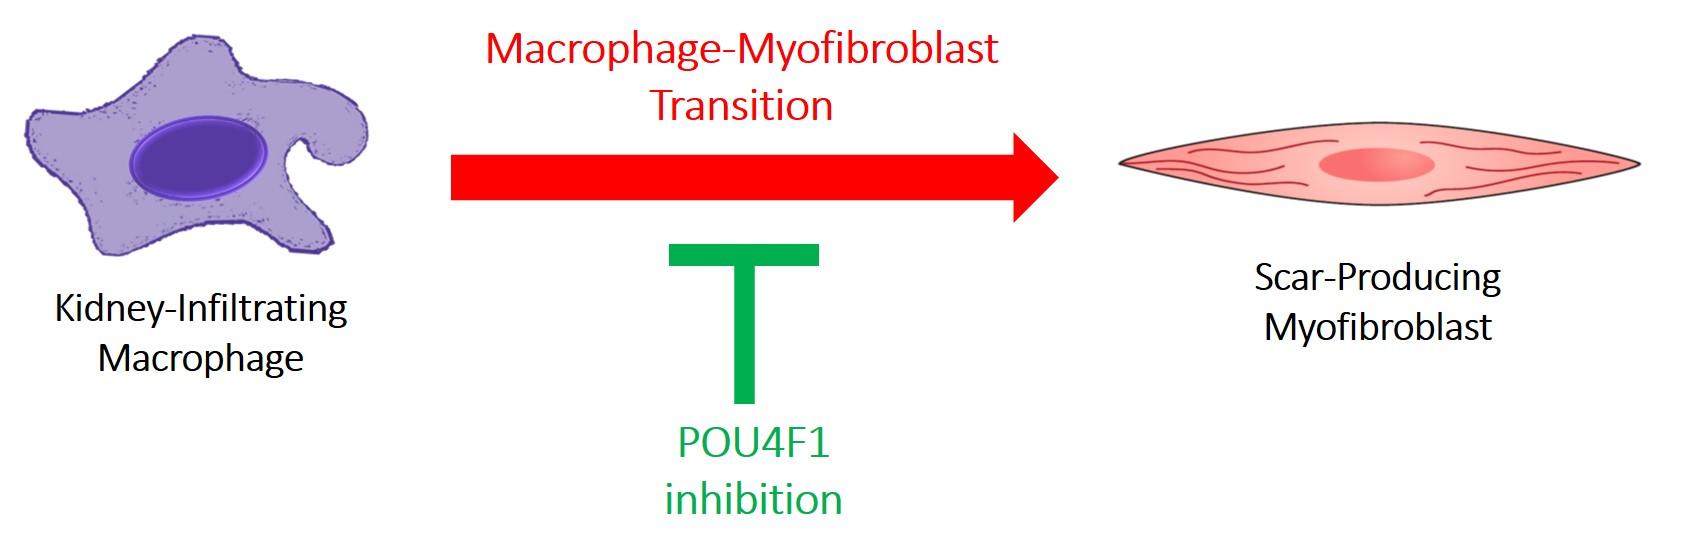 Atlas of Science. Macrophage-Myofibroblast Transition